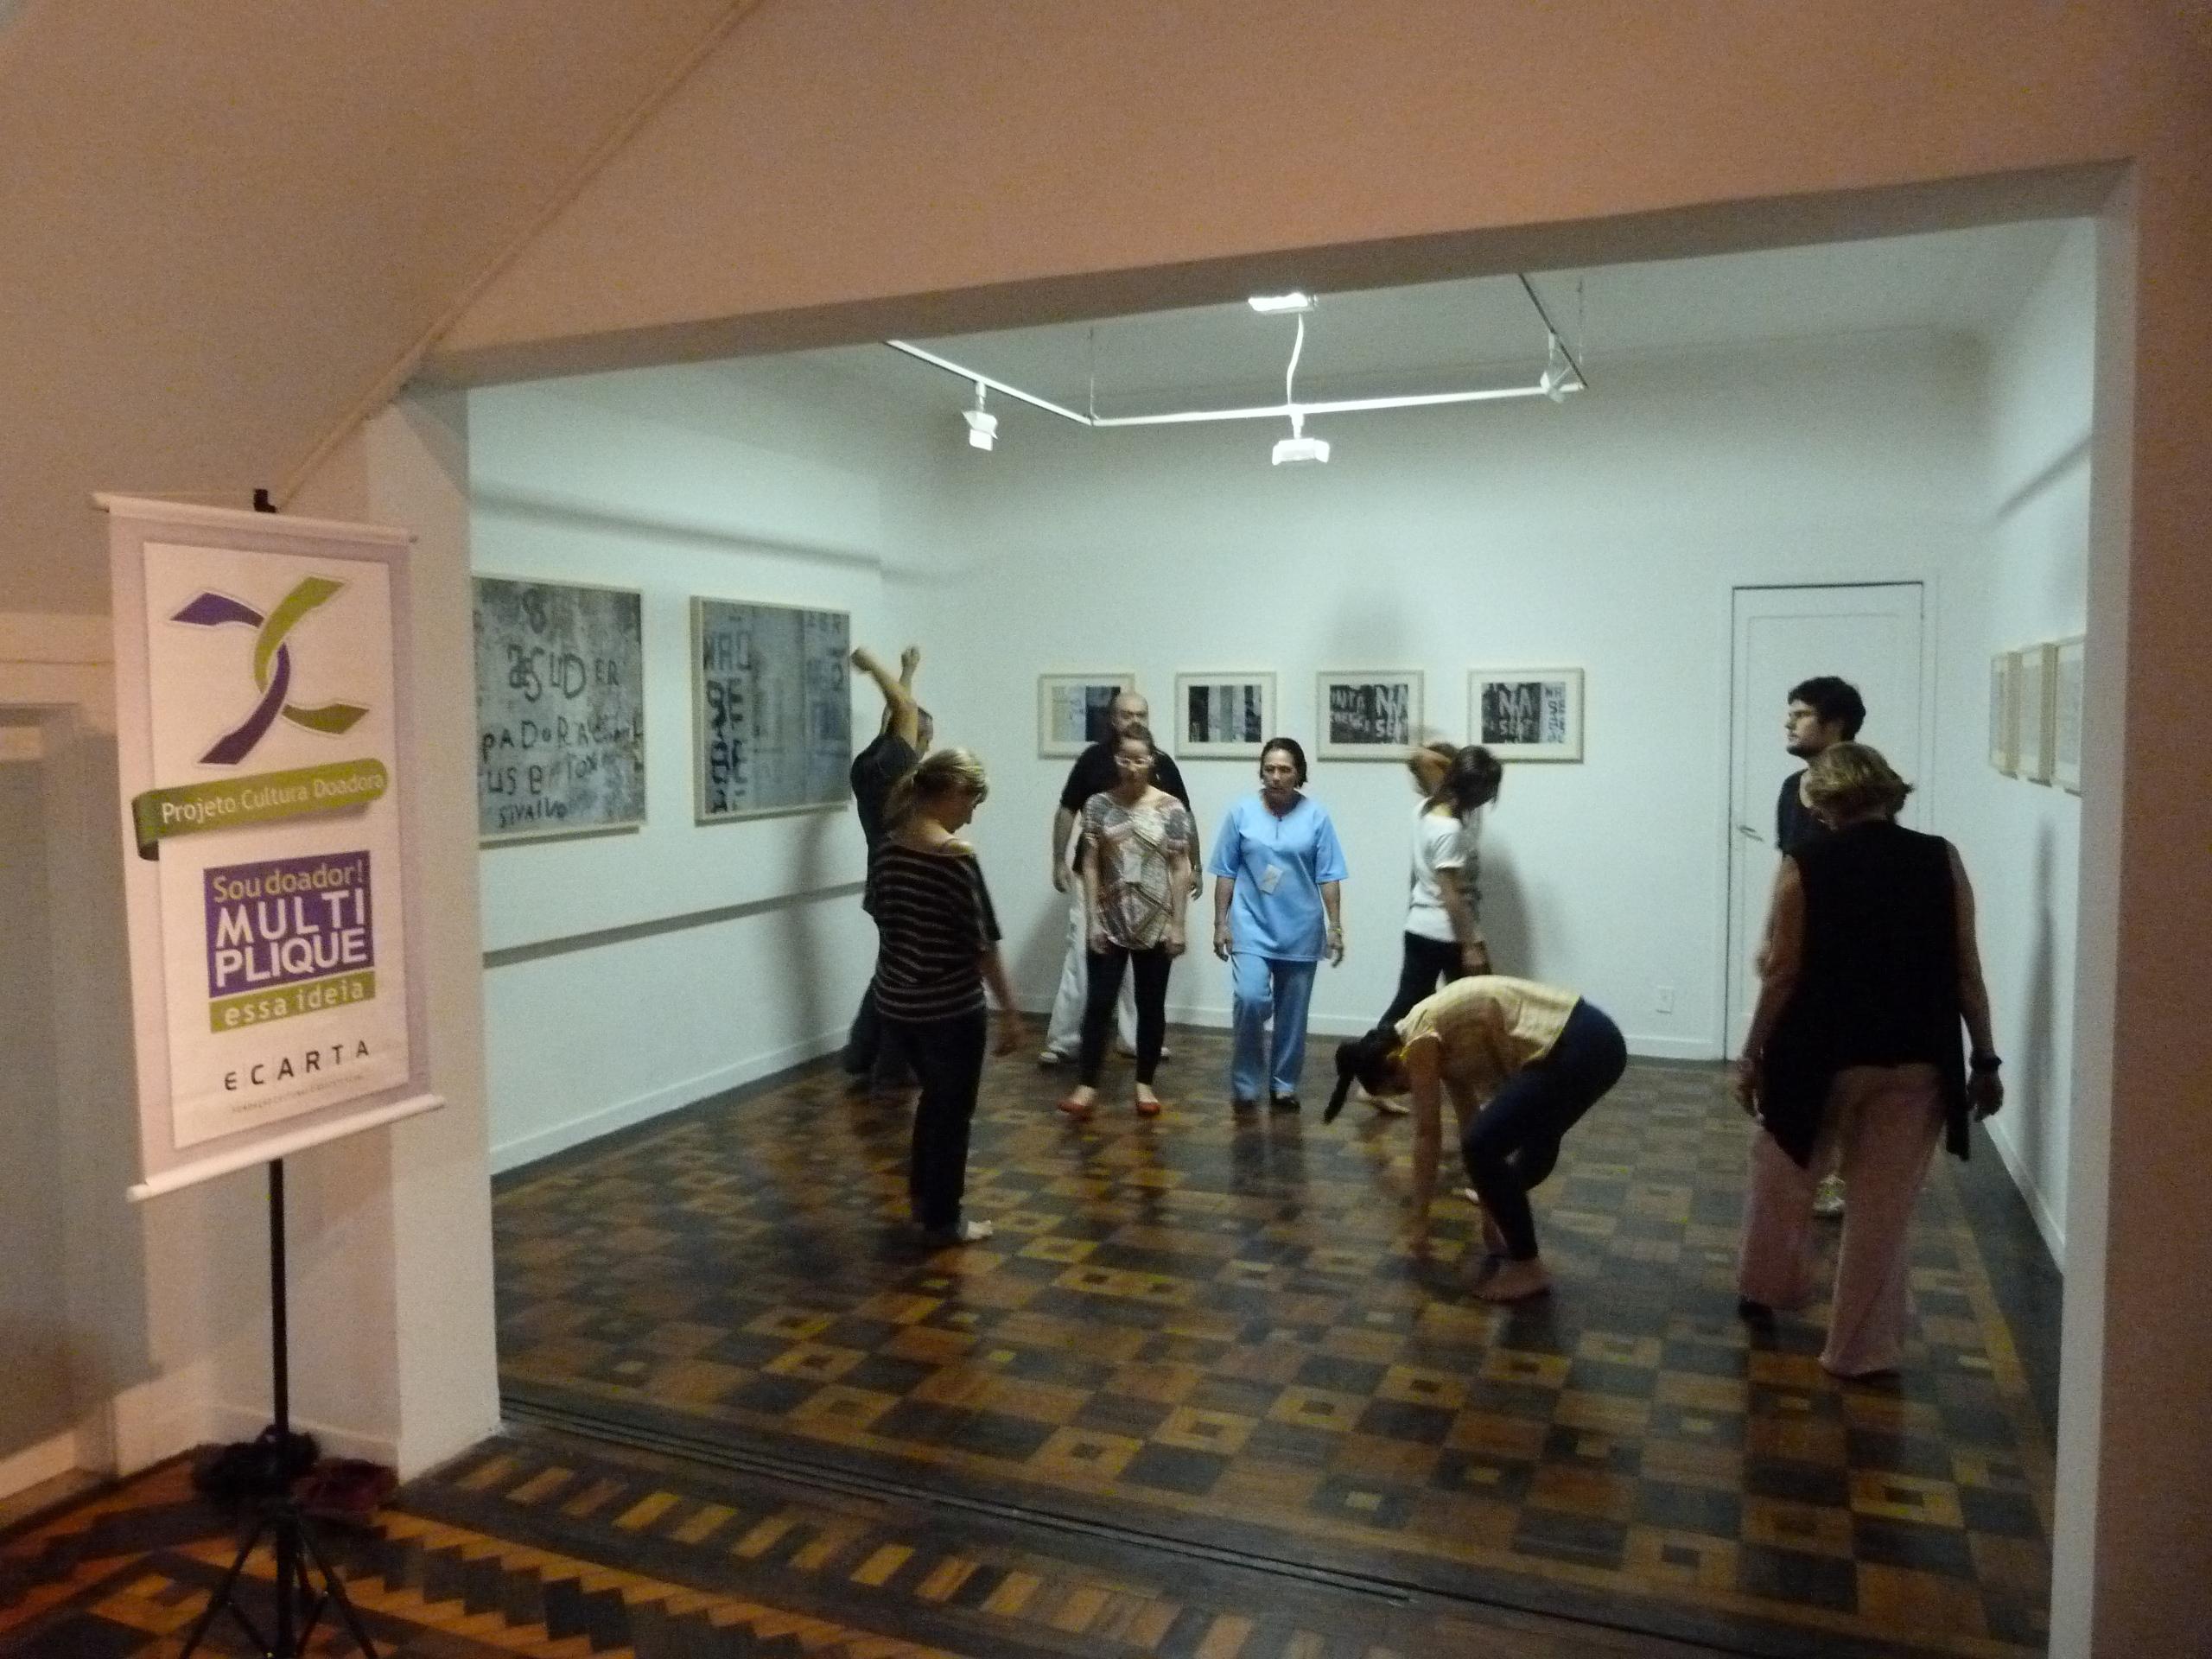 Oficina-Ensaio de Teatro Espontâneo - Cultura Doadora - Fundação Ecarta - Porto Alegre - RS